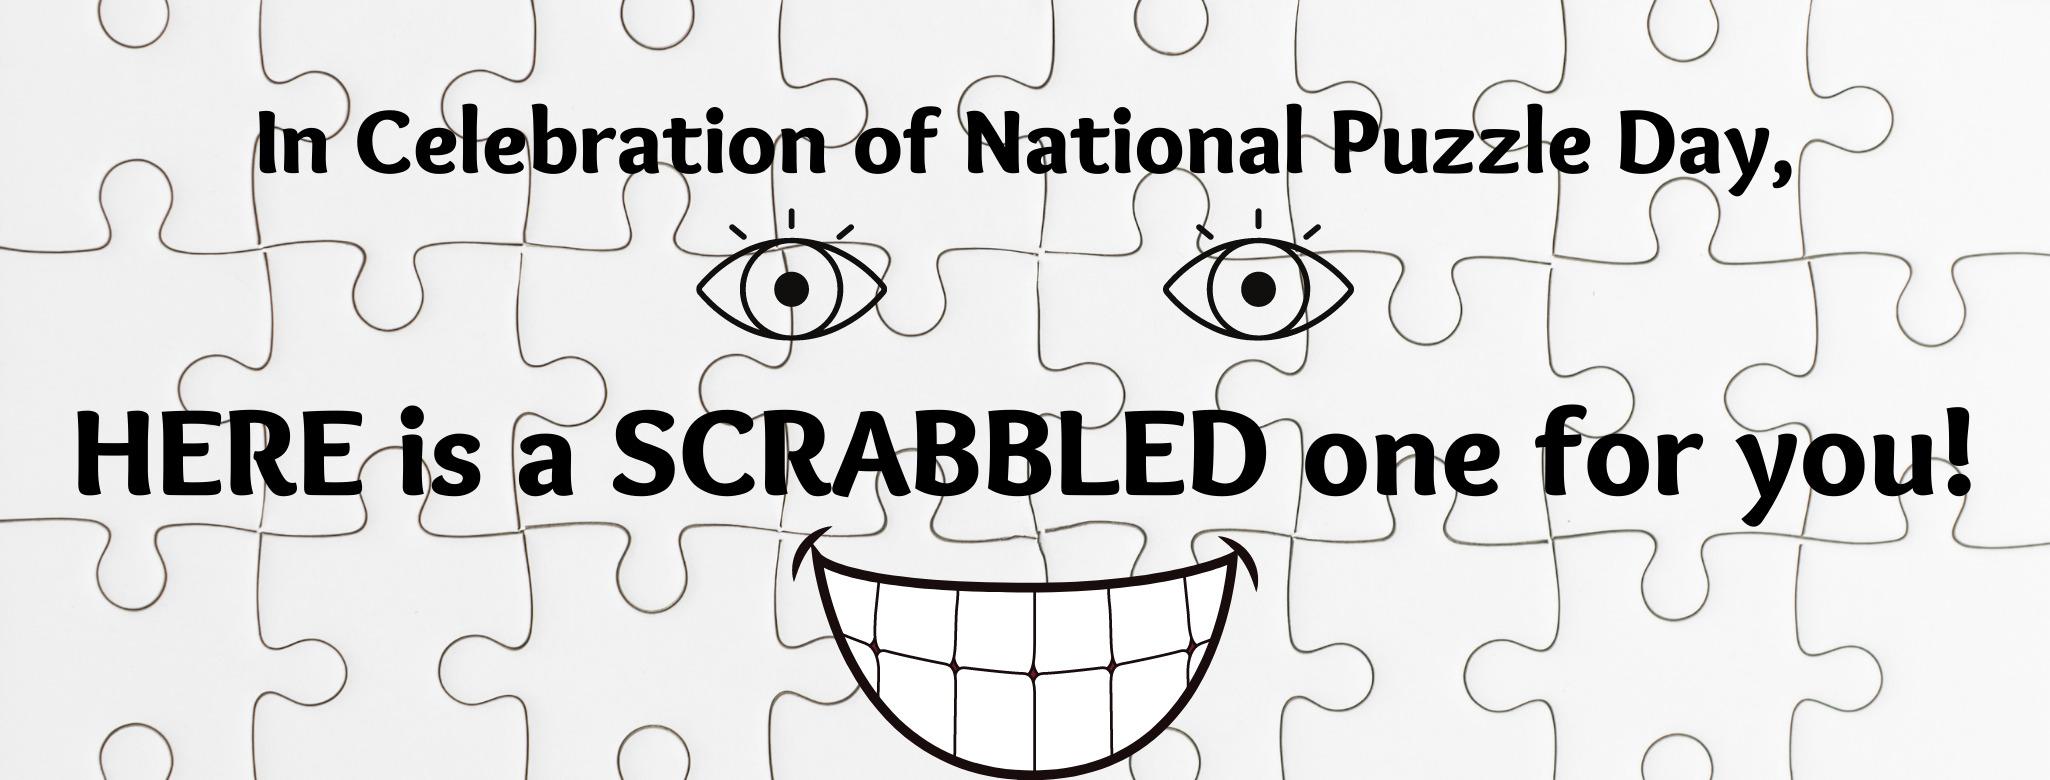 Making Scrabble Puzzle Fun!